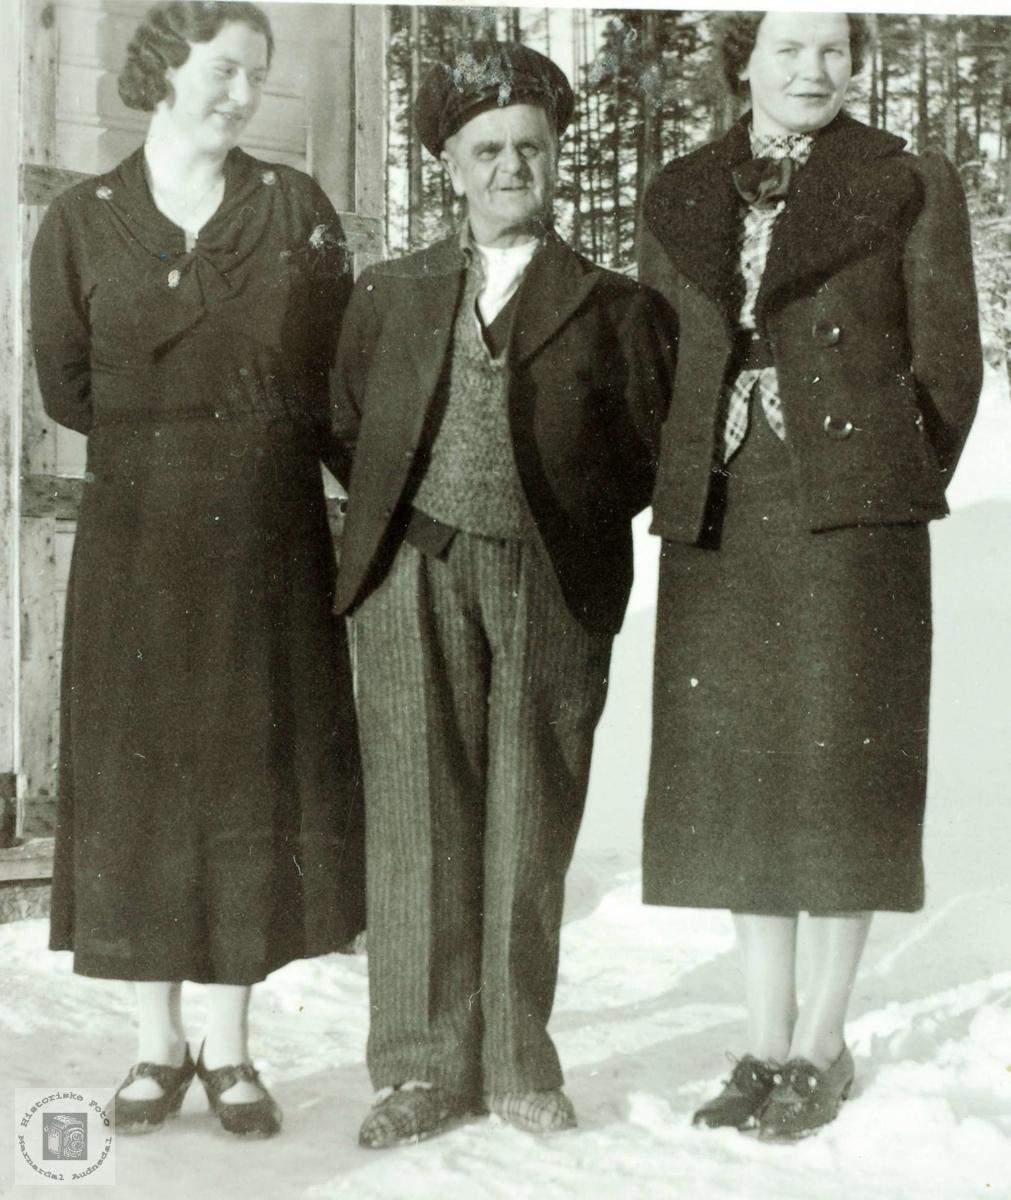 Lisle-Jo mellom sine to pene butikkdamer på Sveindal. Grindheim Audnedal.